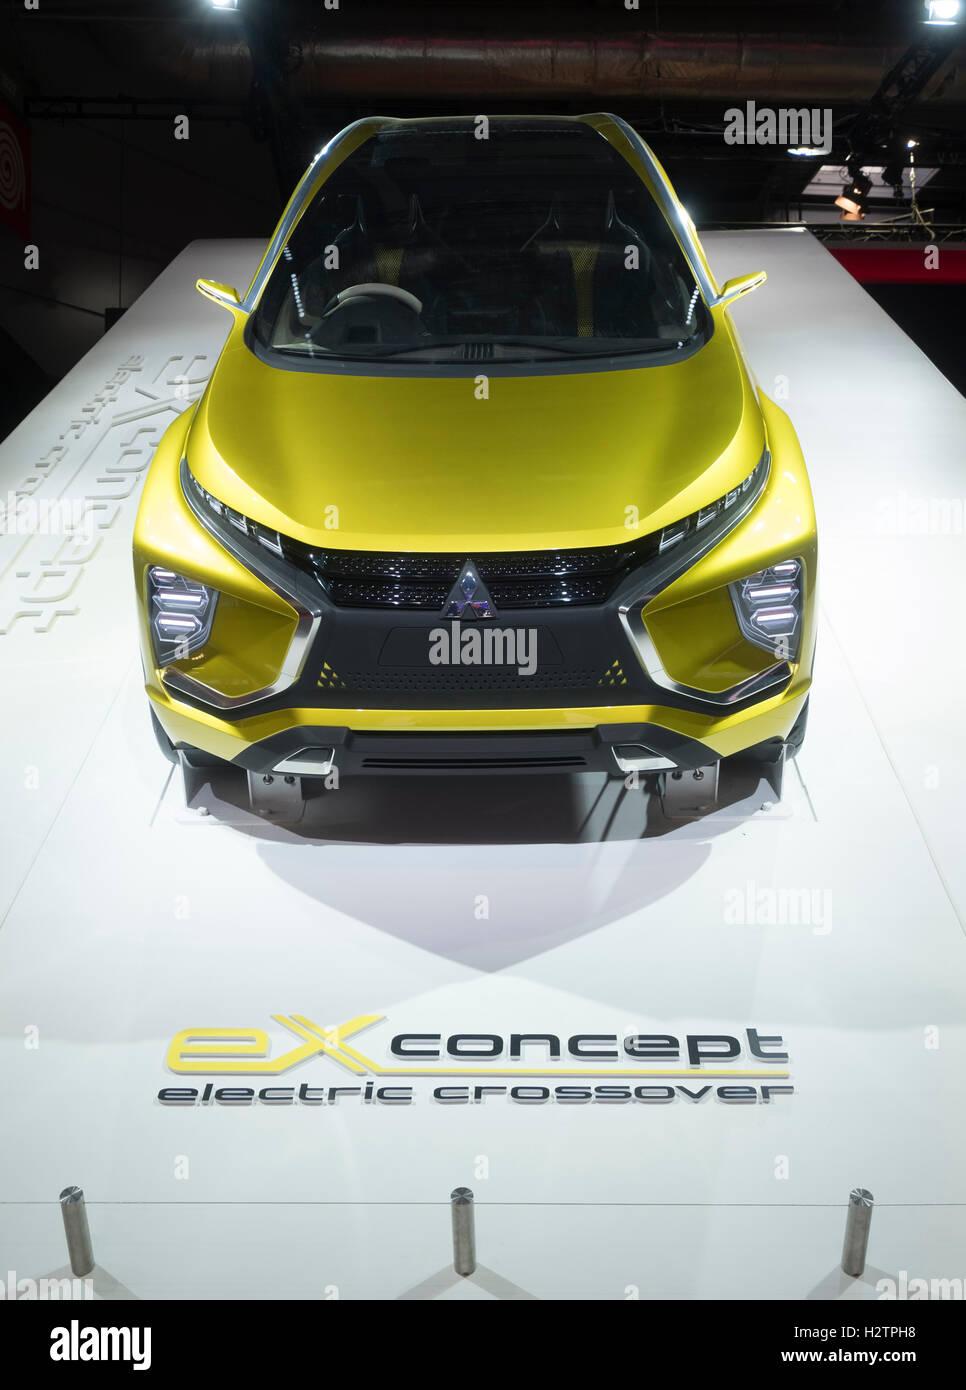 Mitsubishi EX elektrische Crossover-Konzept-Fahrzeug auf der Paris Motor Show 2016 Stockbild